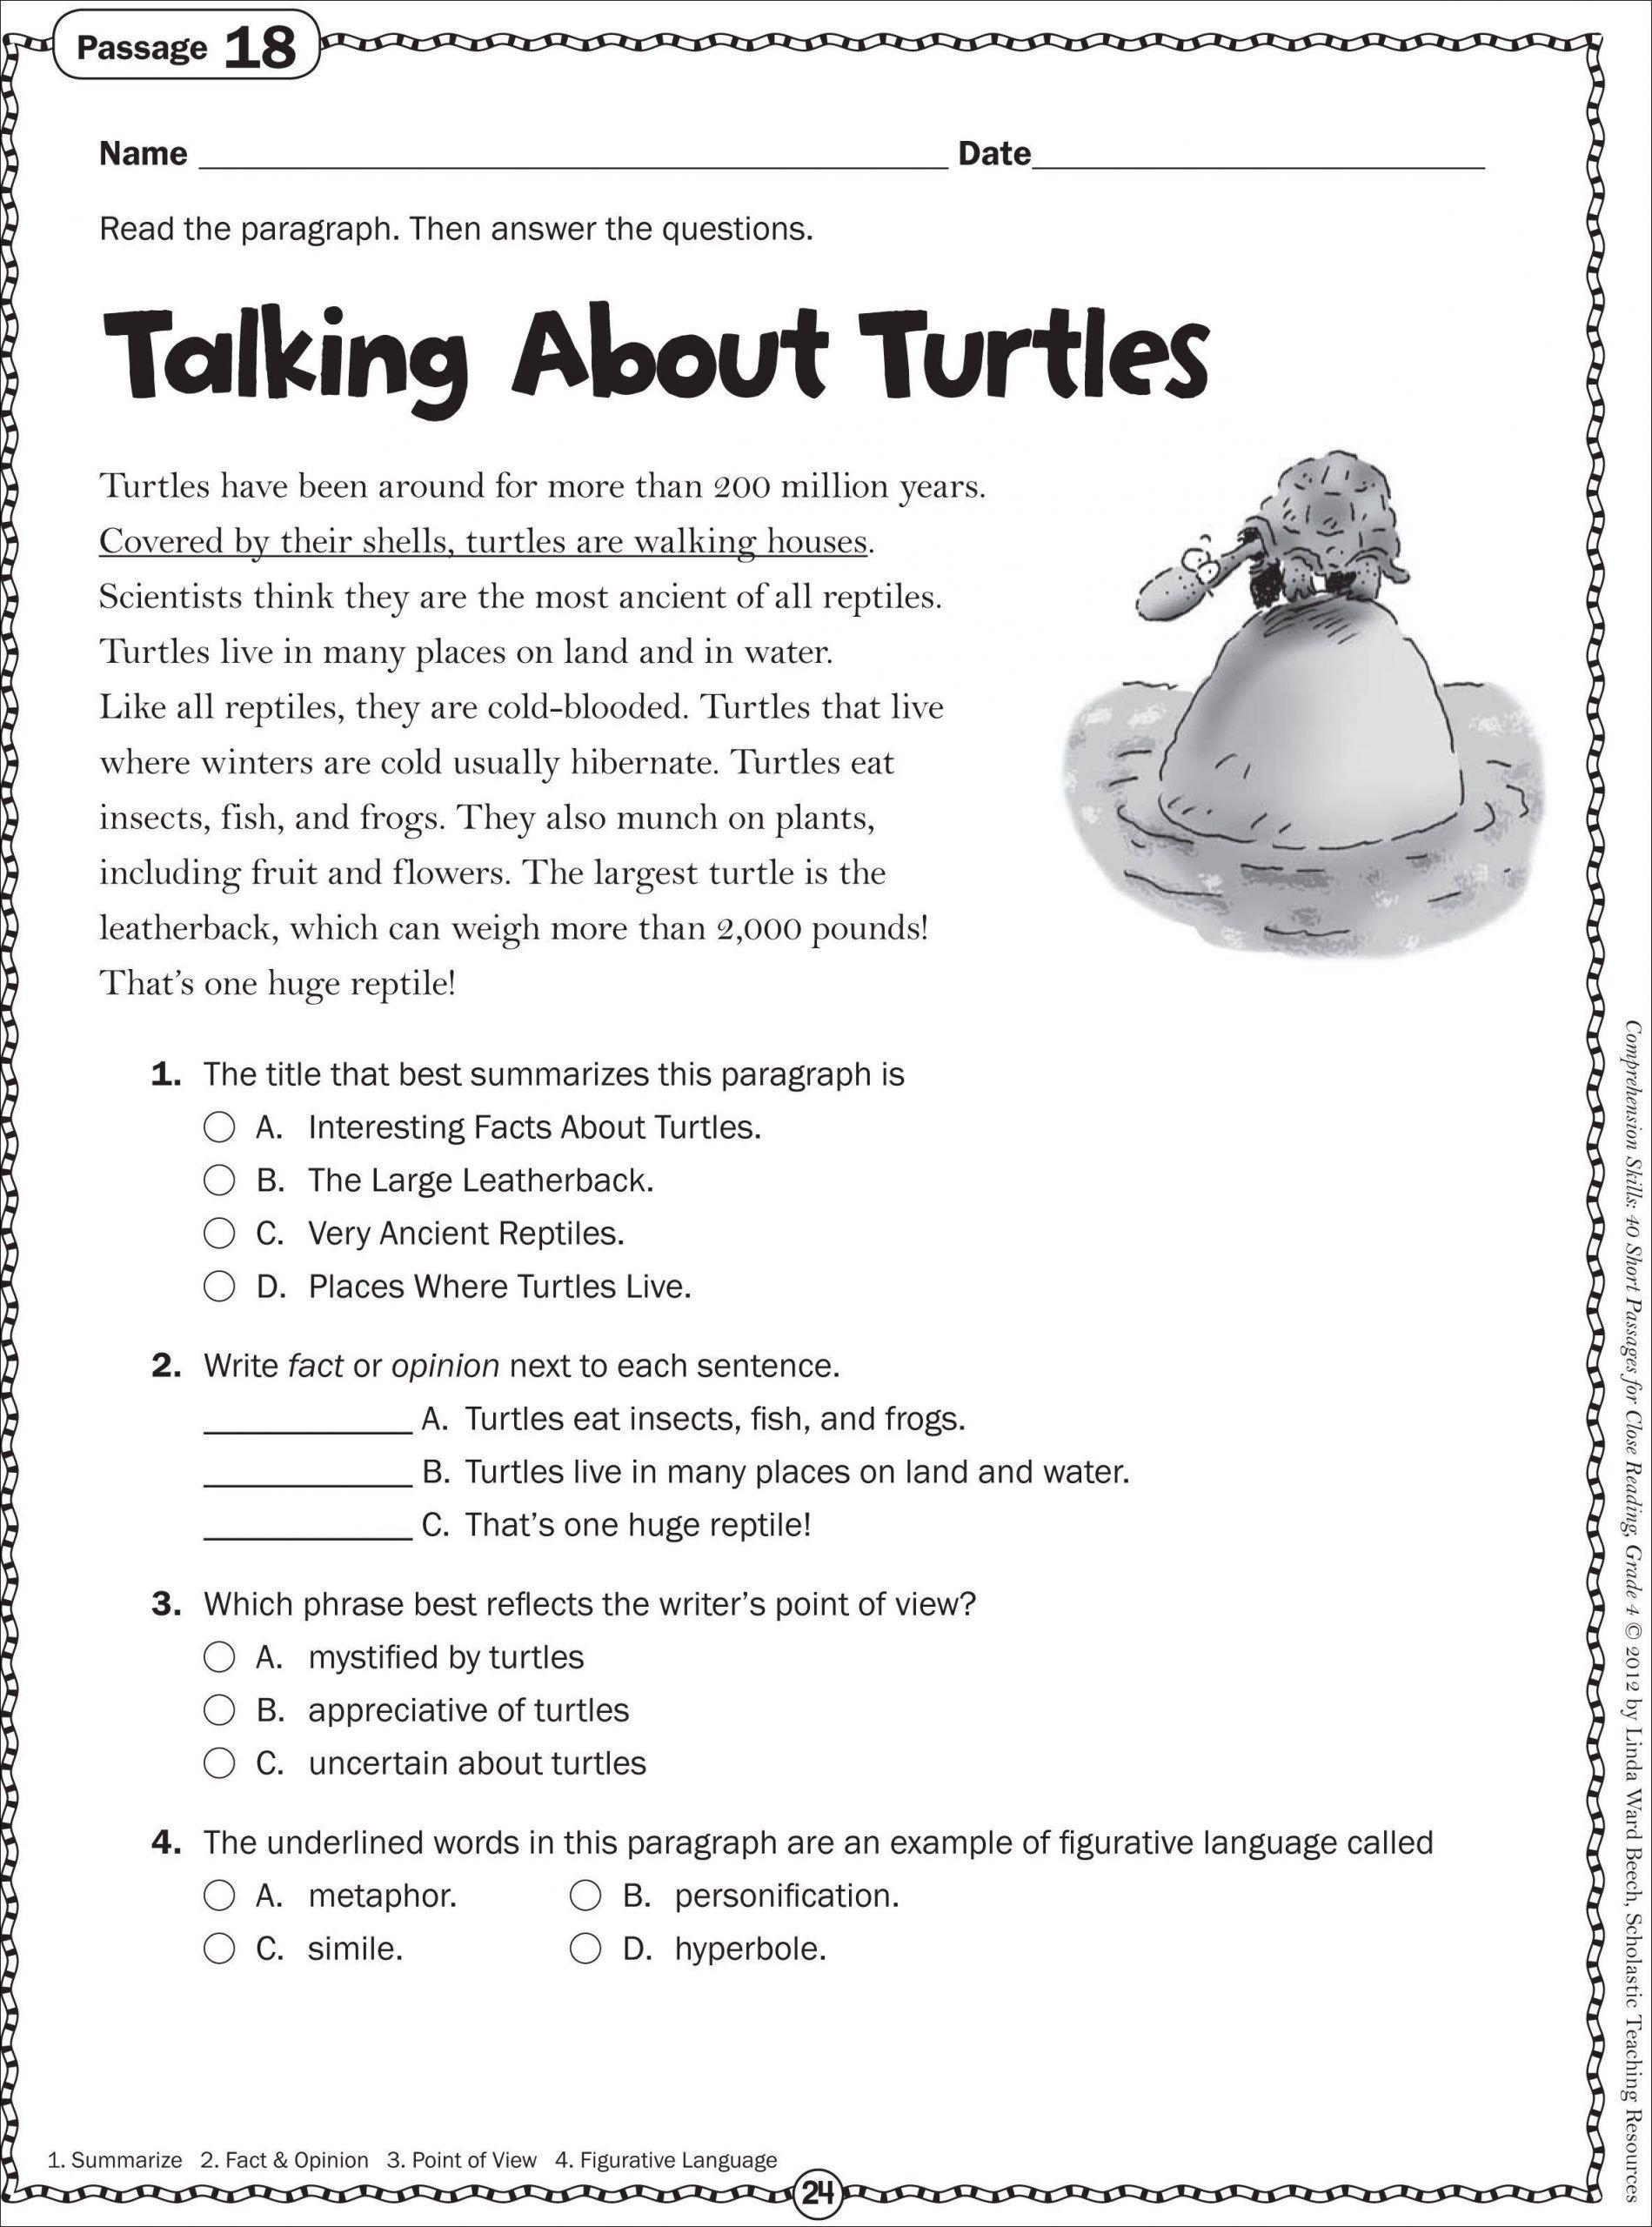 Seventh Grade Reading Comprehension Worksheets Recent 7th In 2020 Free Reading Comprehension Worksheets Reading Comprehension Worksheets Third Grade Reading Worksheets